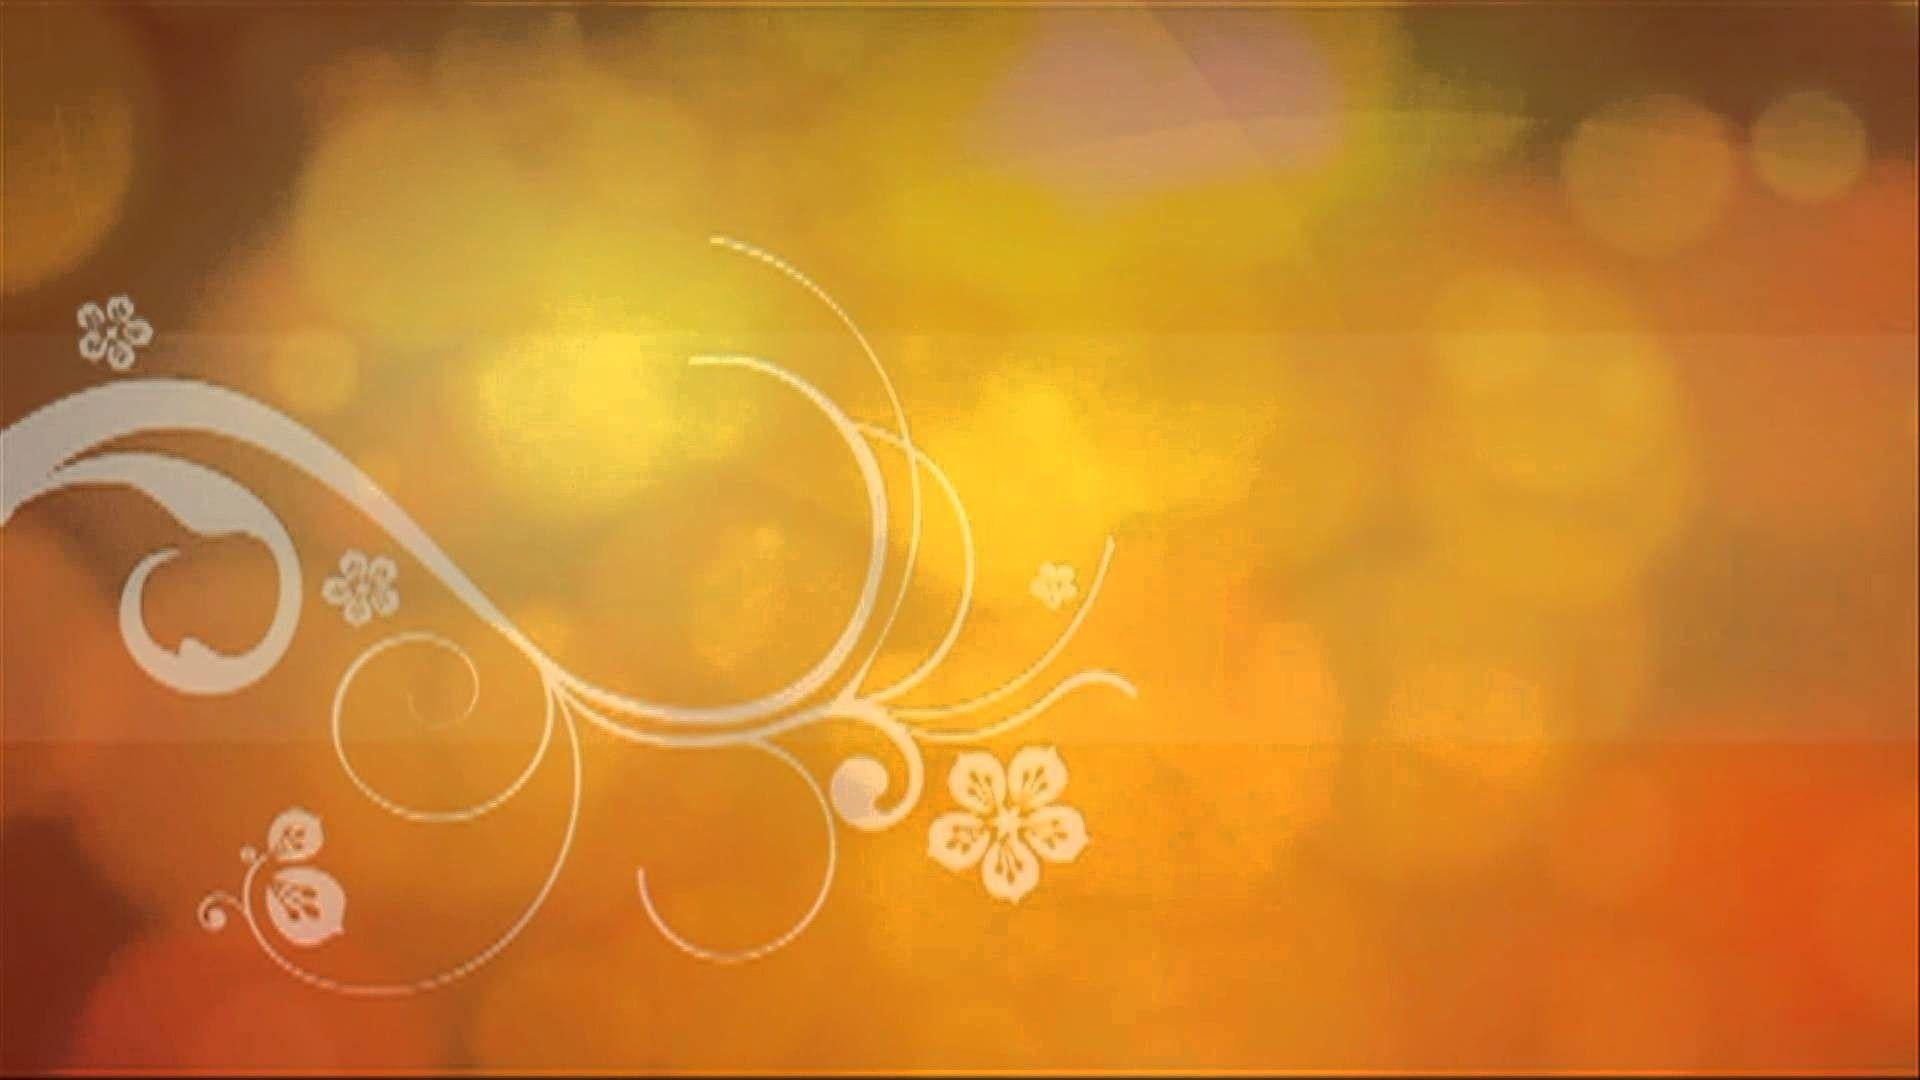 Wedding Background Images Hd Impremedia Net